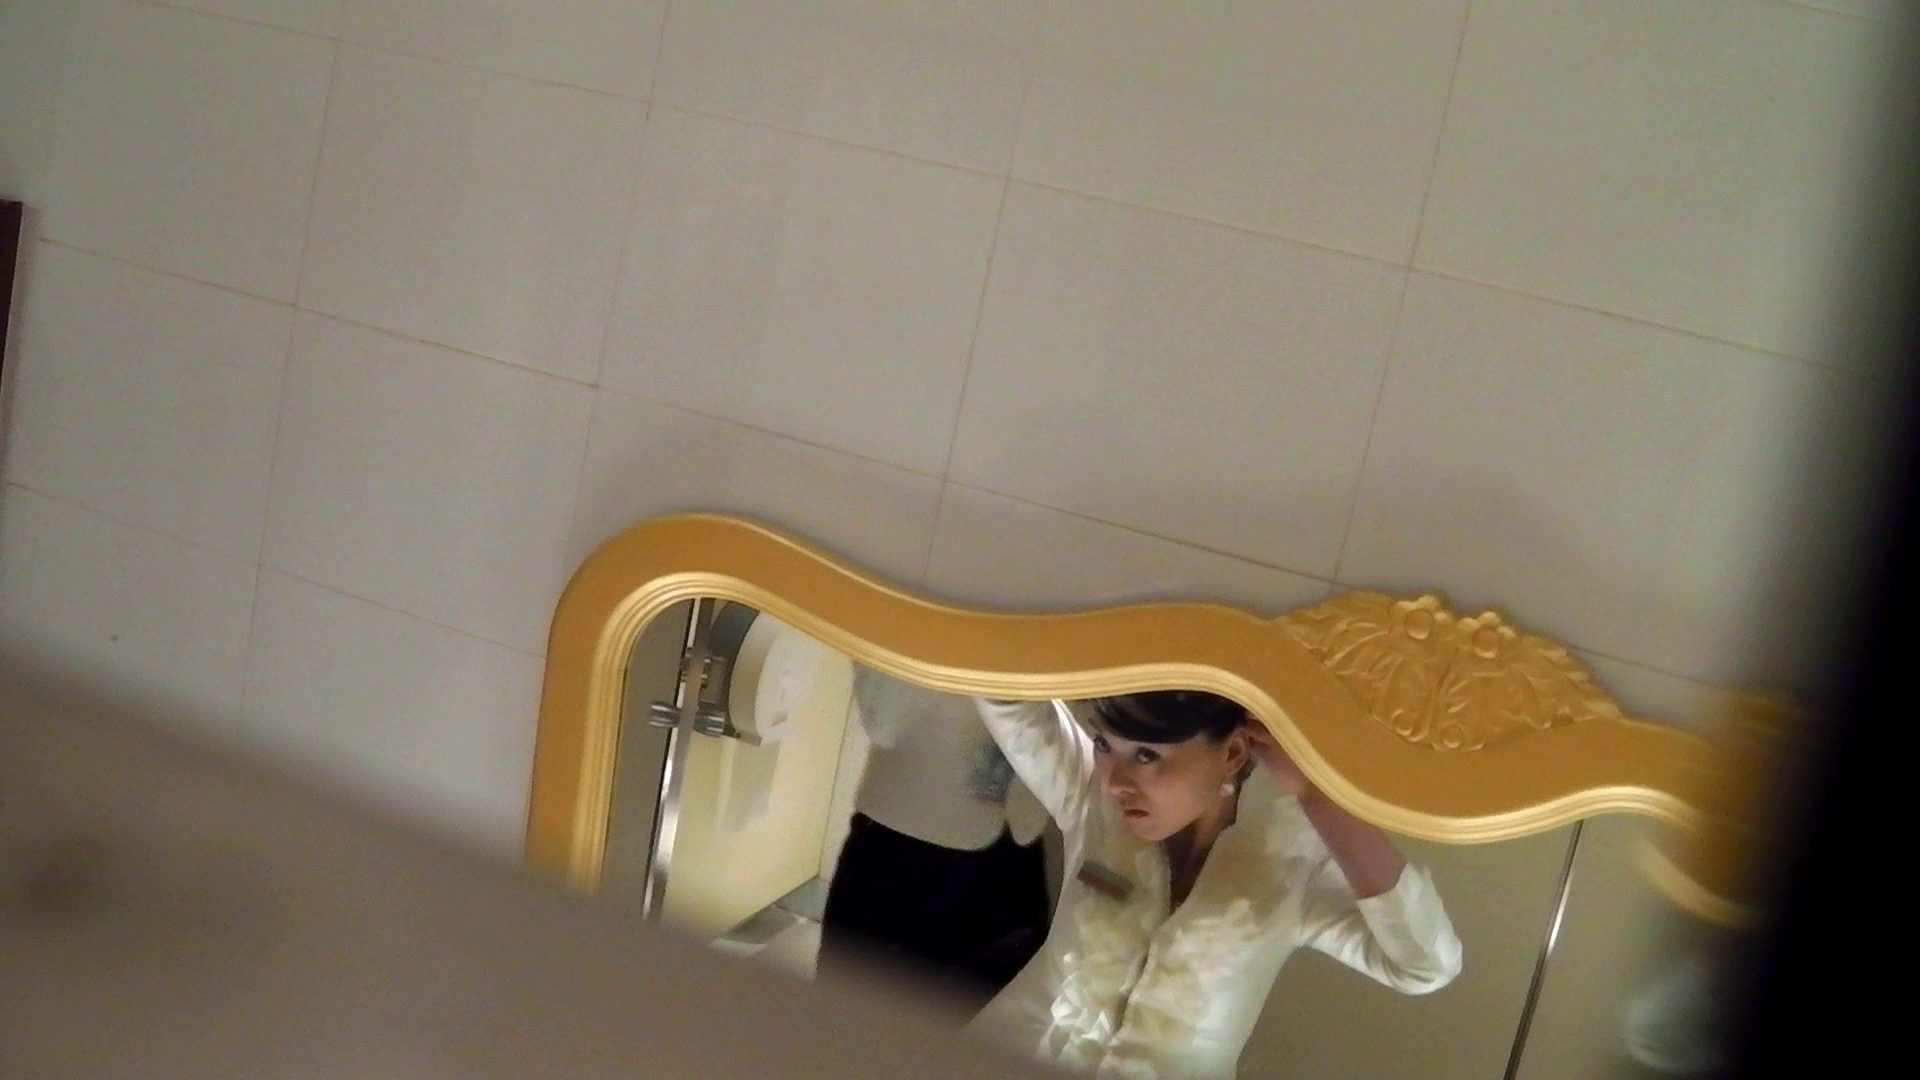 洗寿観音さんの 化粧室は四面楚歌Nol.3 洗面所 | OLのボディ  51PIX 41